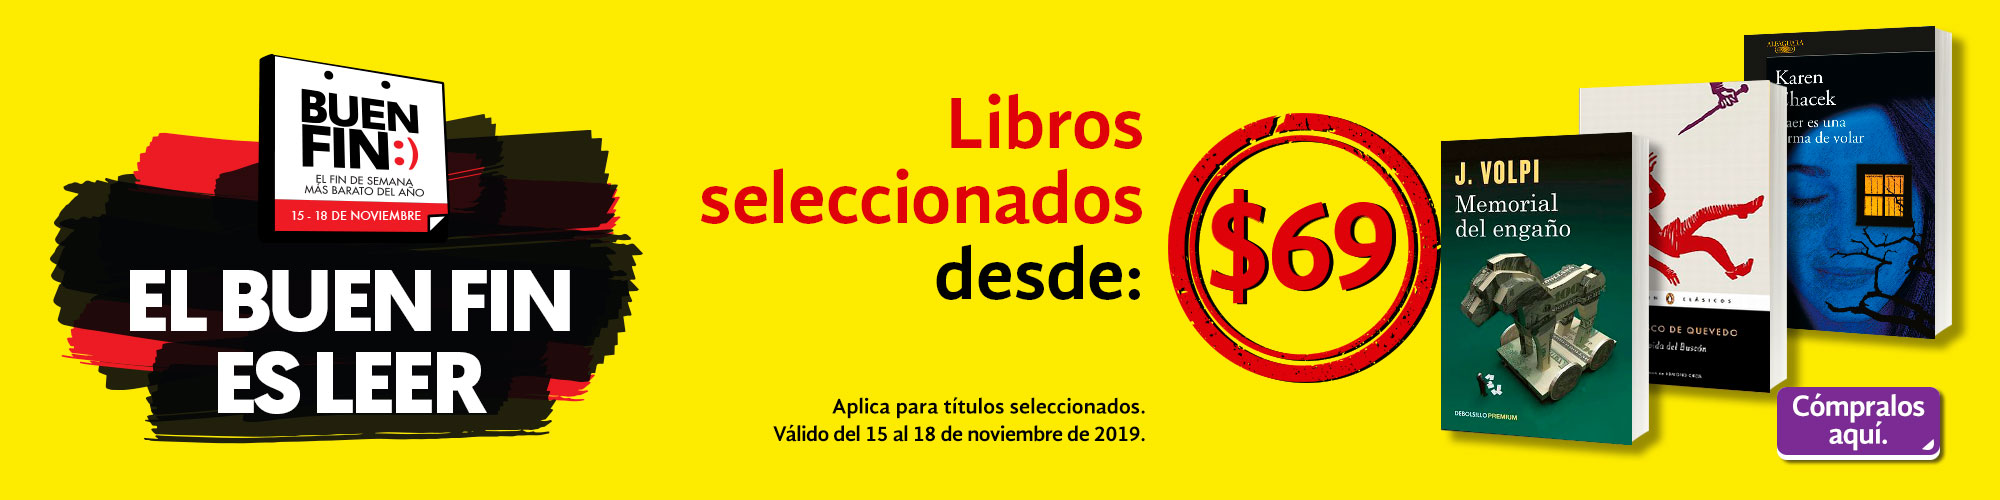 libros-_69